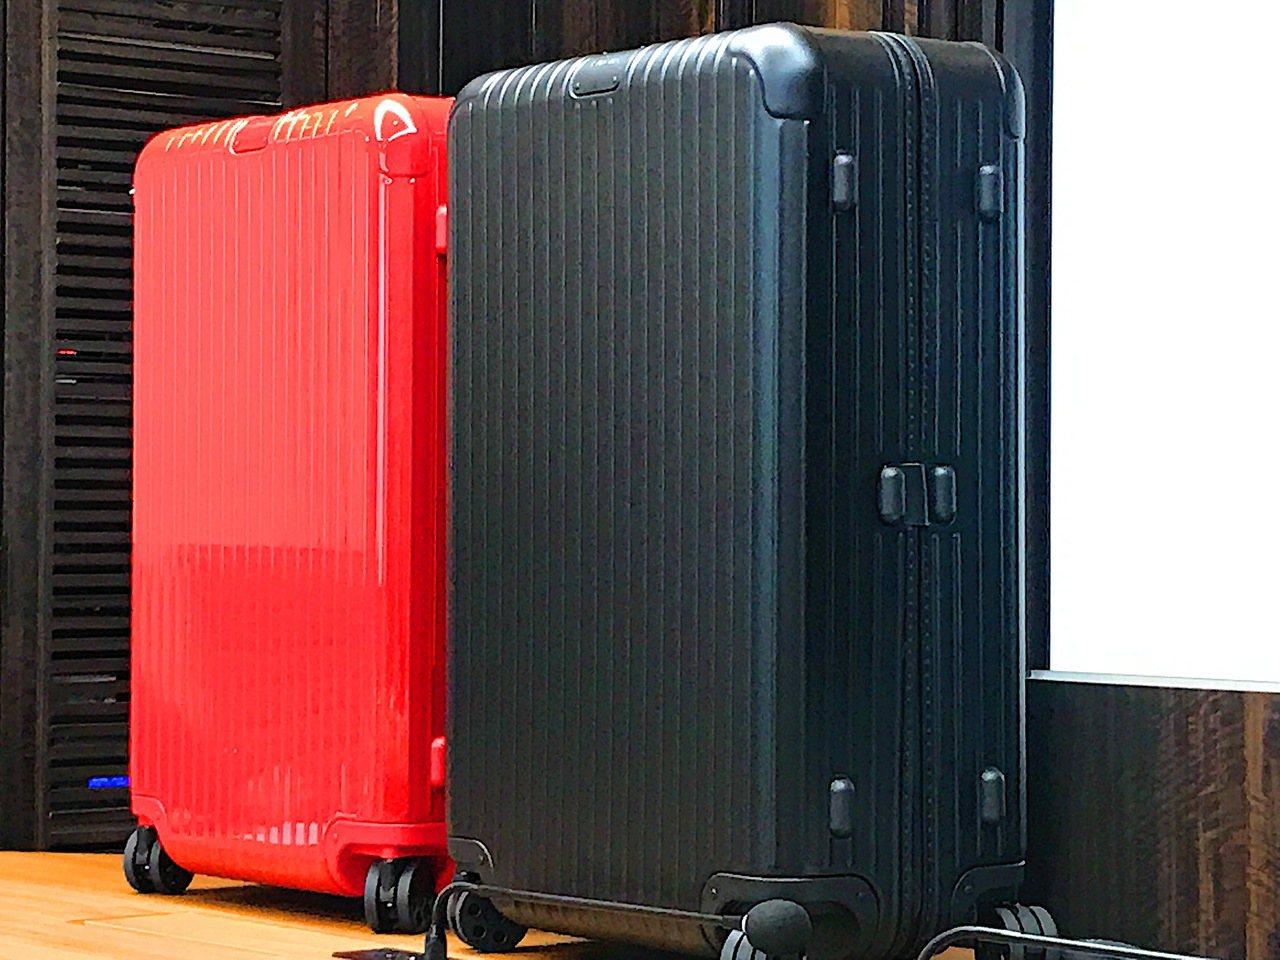 30吋RIMOWA行李箱79折,12/25起至1/2每天限量10個。記者江佩君/...